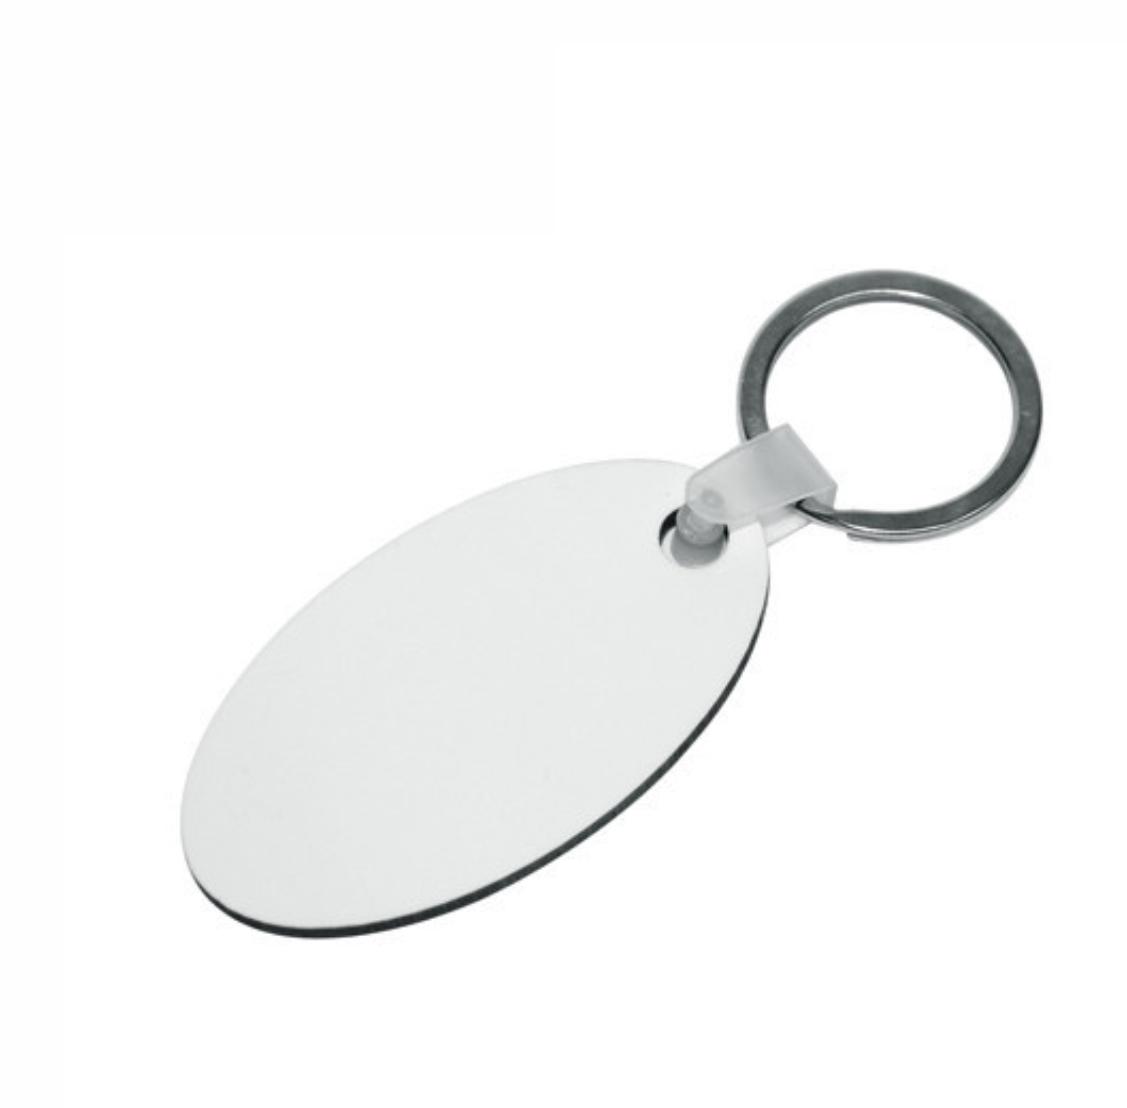 Llavero - Regalos personalizados, merchandising